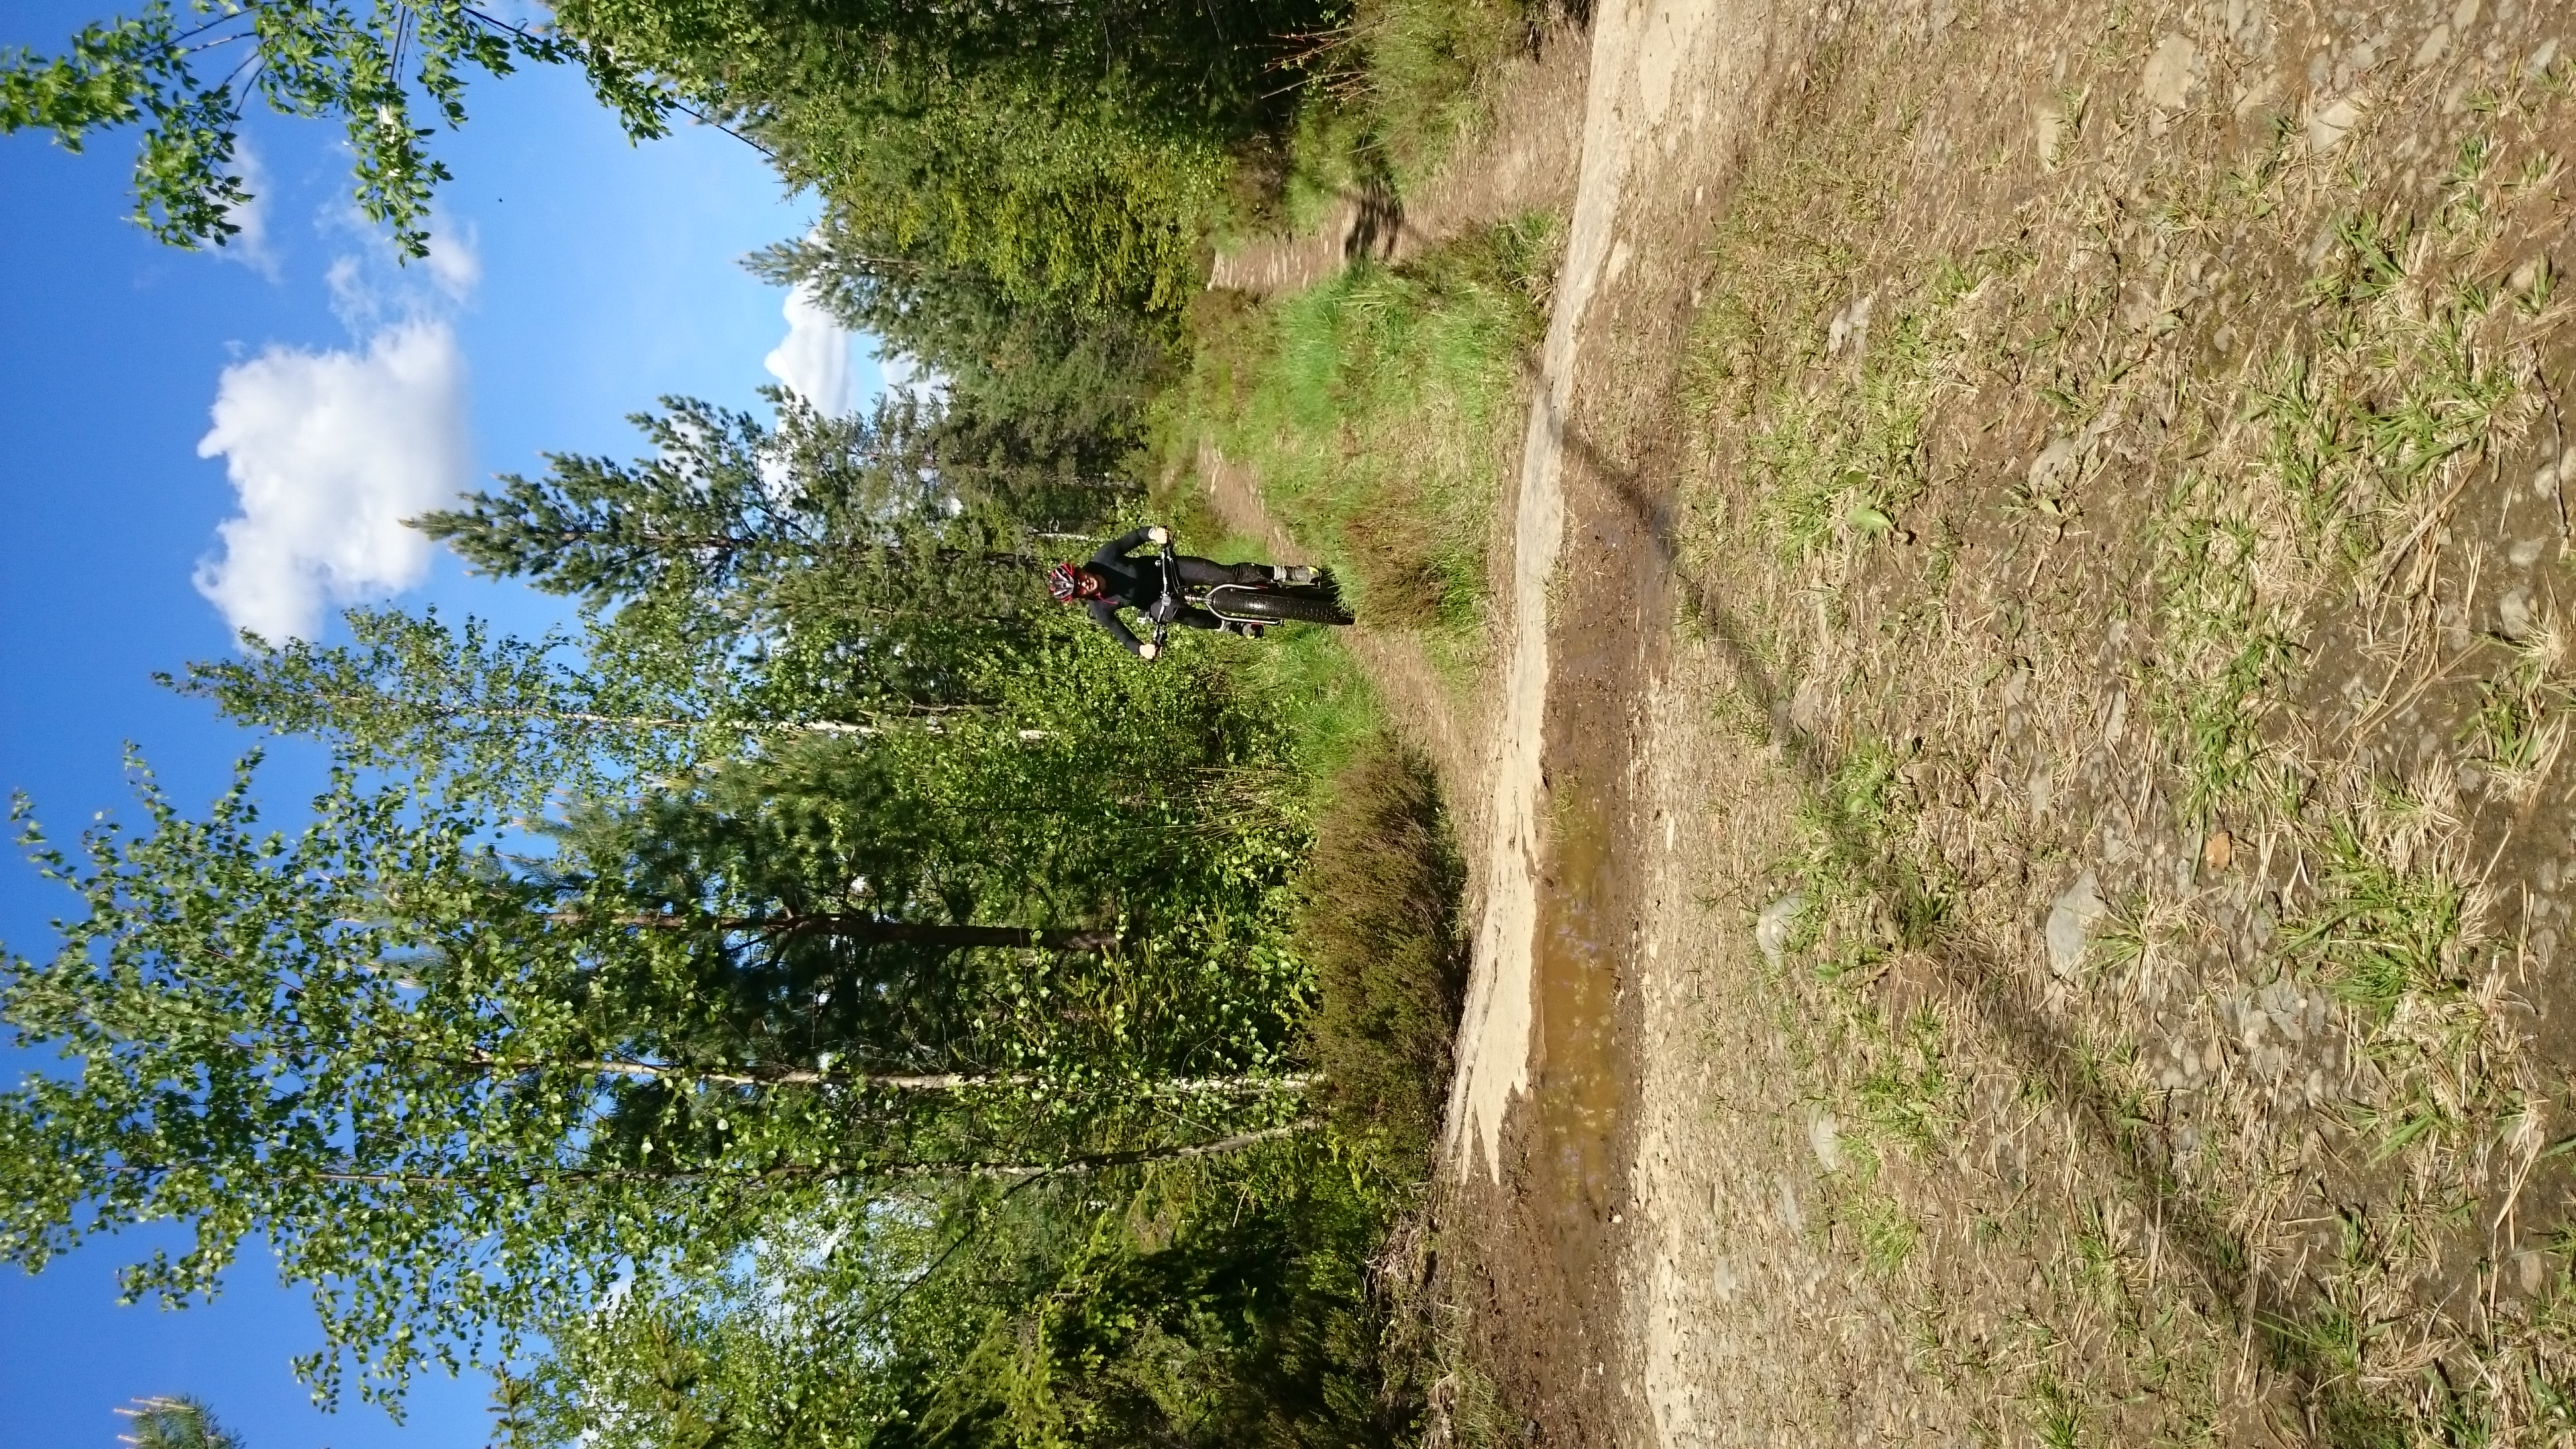 Herlig tur med fatbiken i skogen. Må jo ha det gøy også ;-)